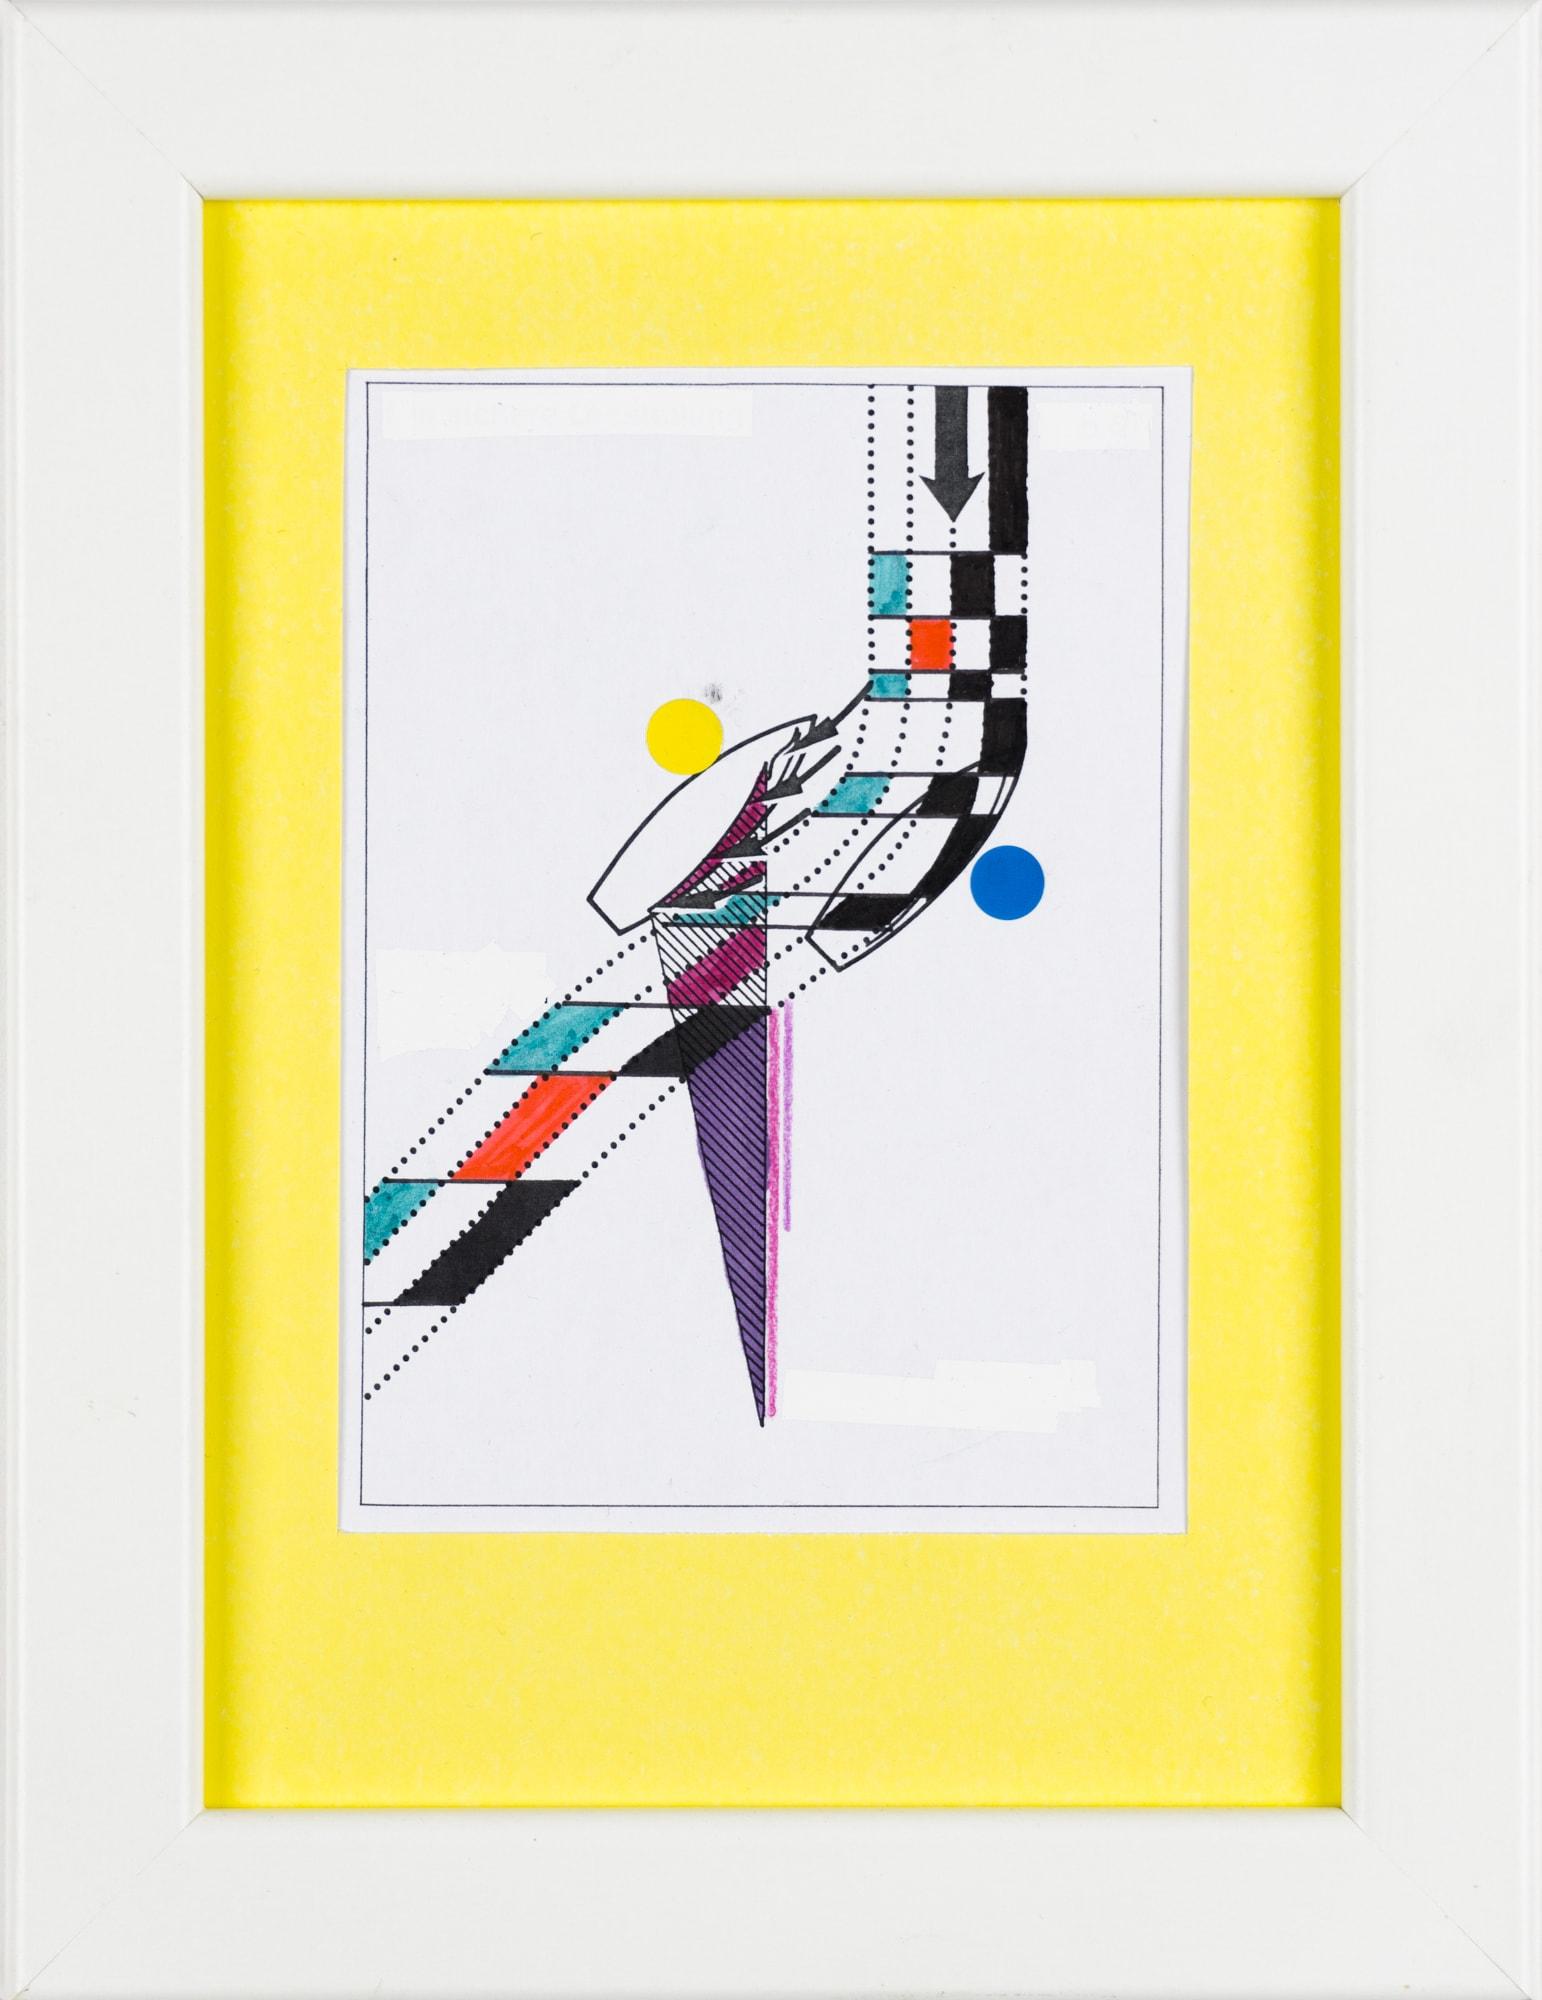 Übermalung und Mischtechnik auf Papier, 9x12,4cm, Originalgrafik zum gleichnamigen Booklet, Künstlerin: Franziska King